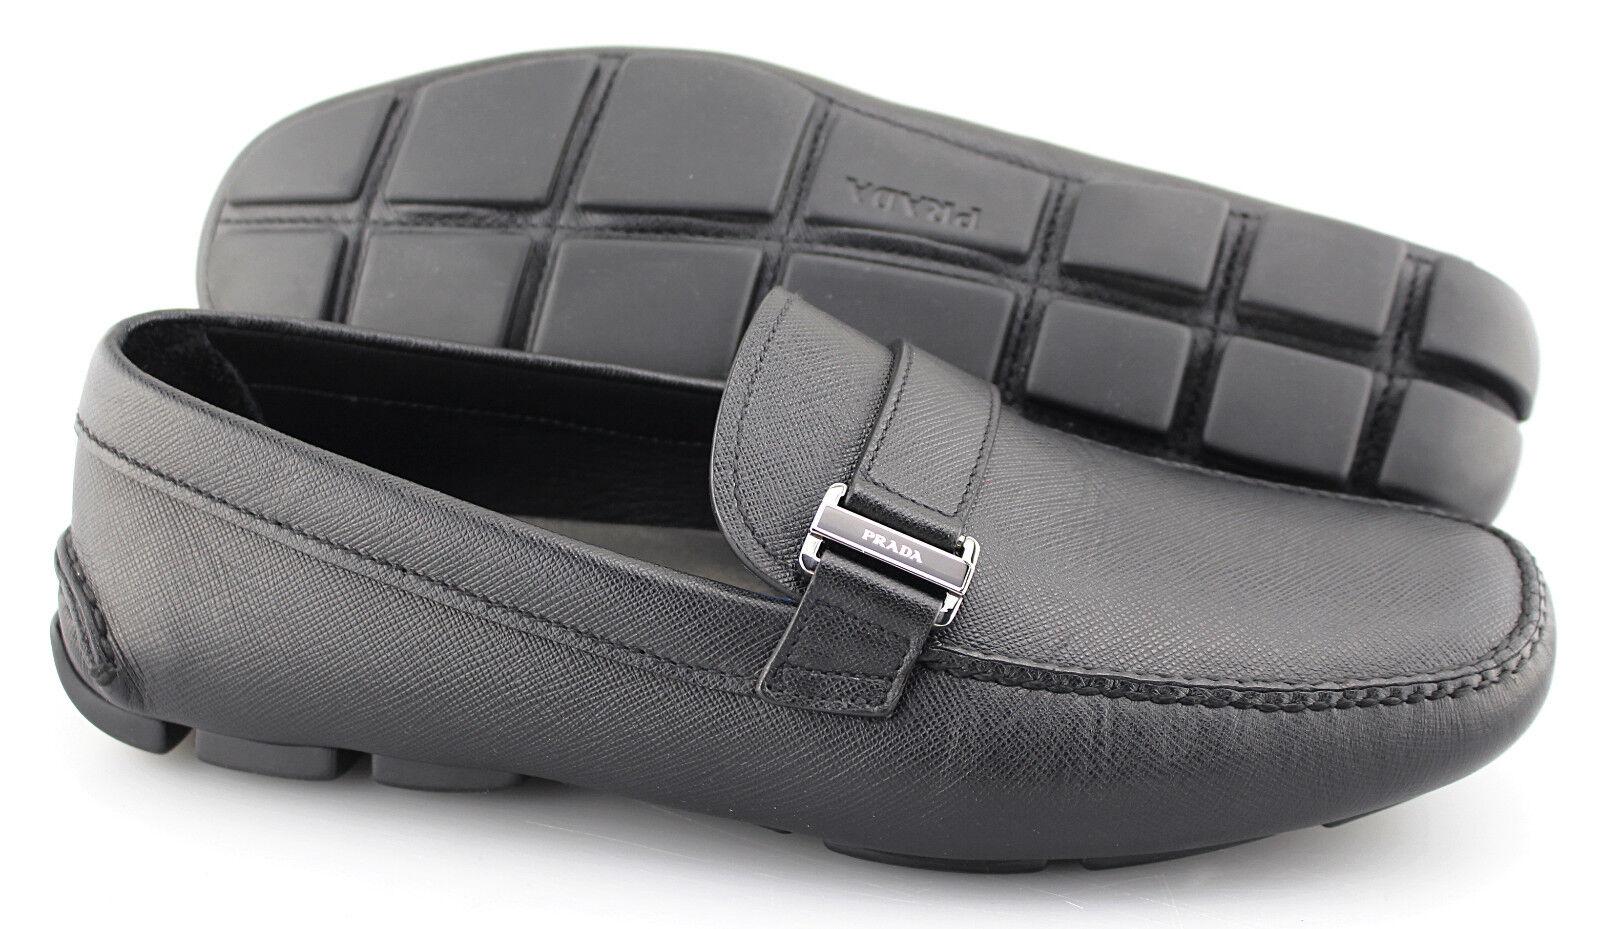 Uomo PRADA'Safignano 'nero Leather Lofers  Dimensione US 8 PRADA 7  100% autentico